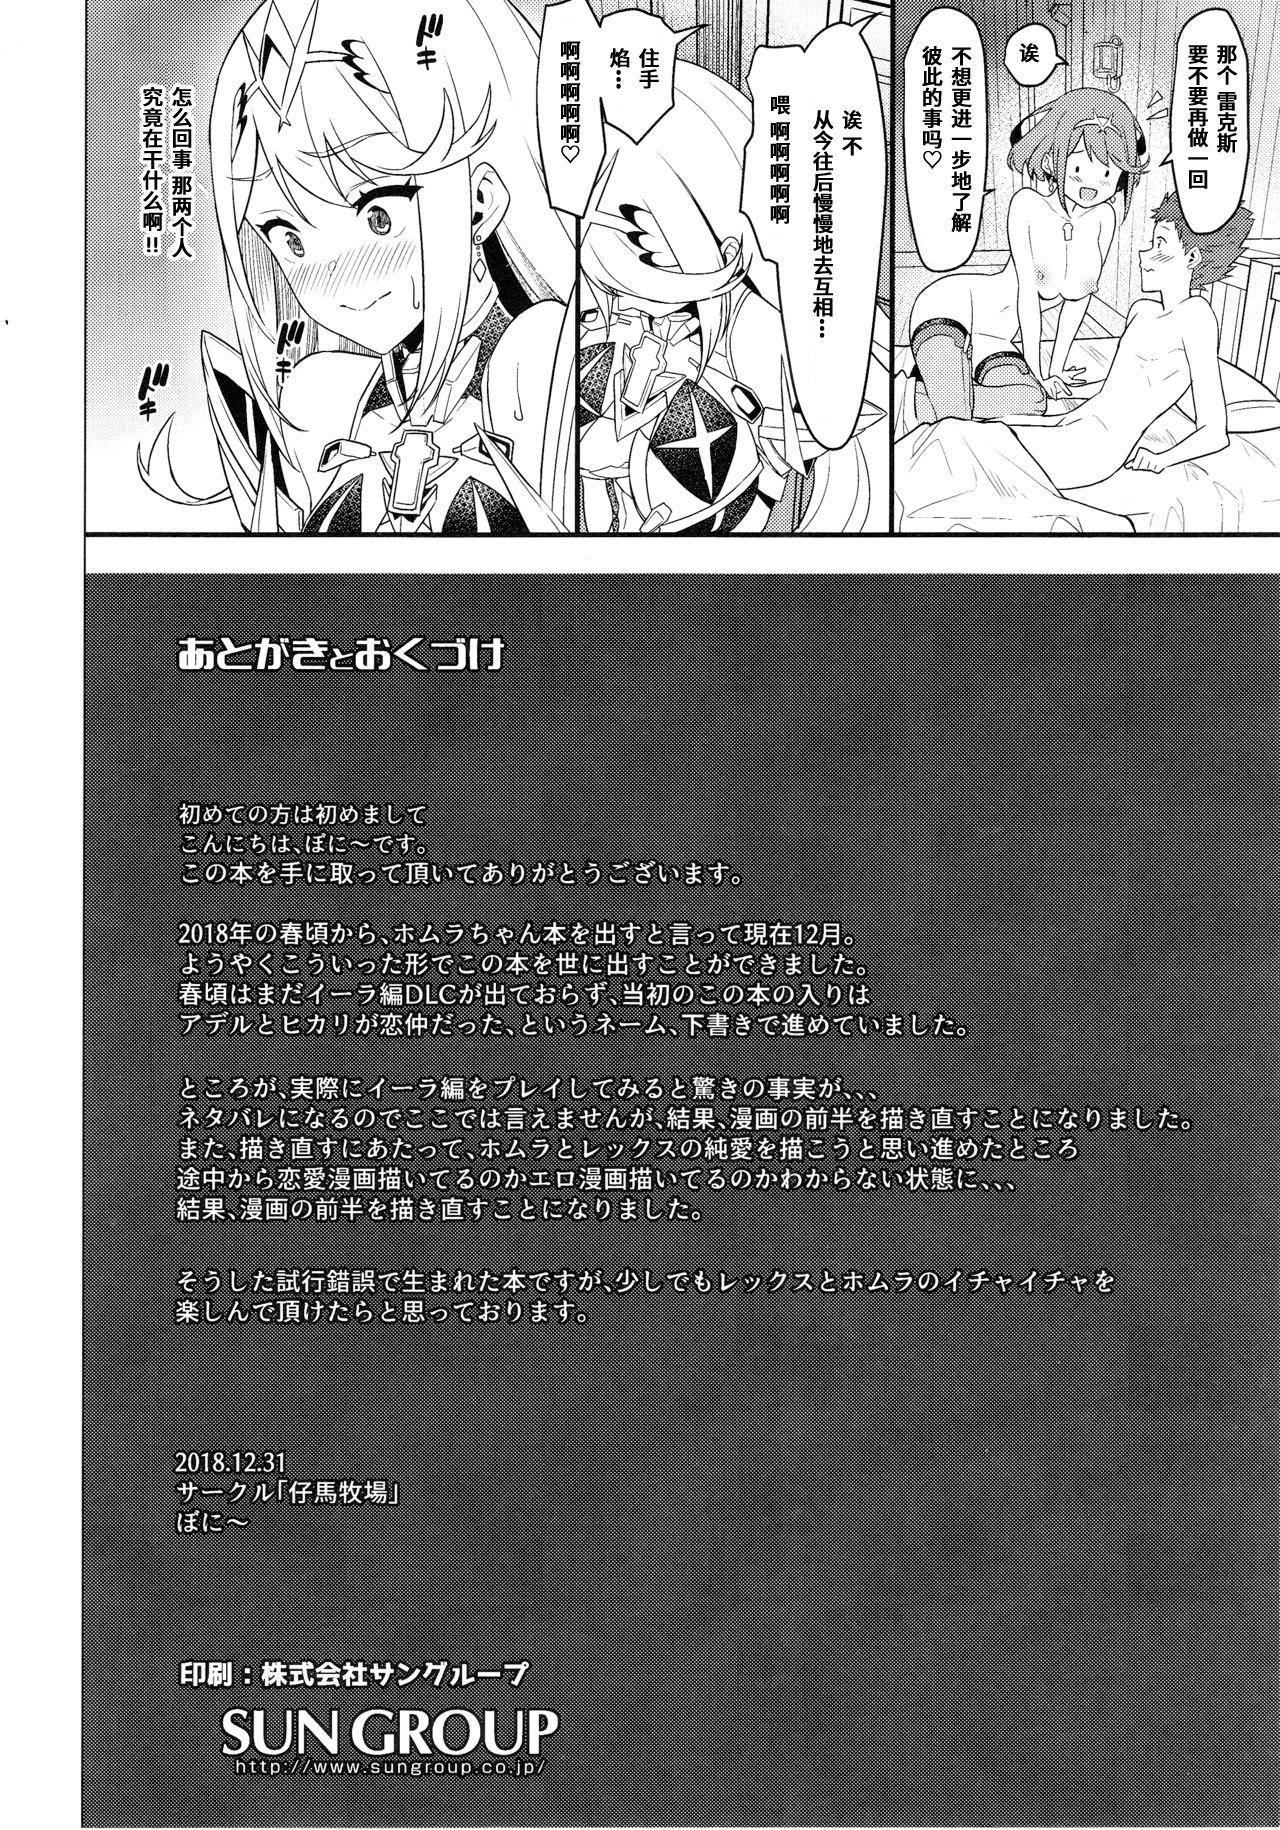 Chouyou no Naka e to 28